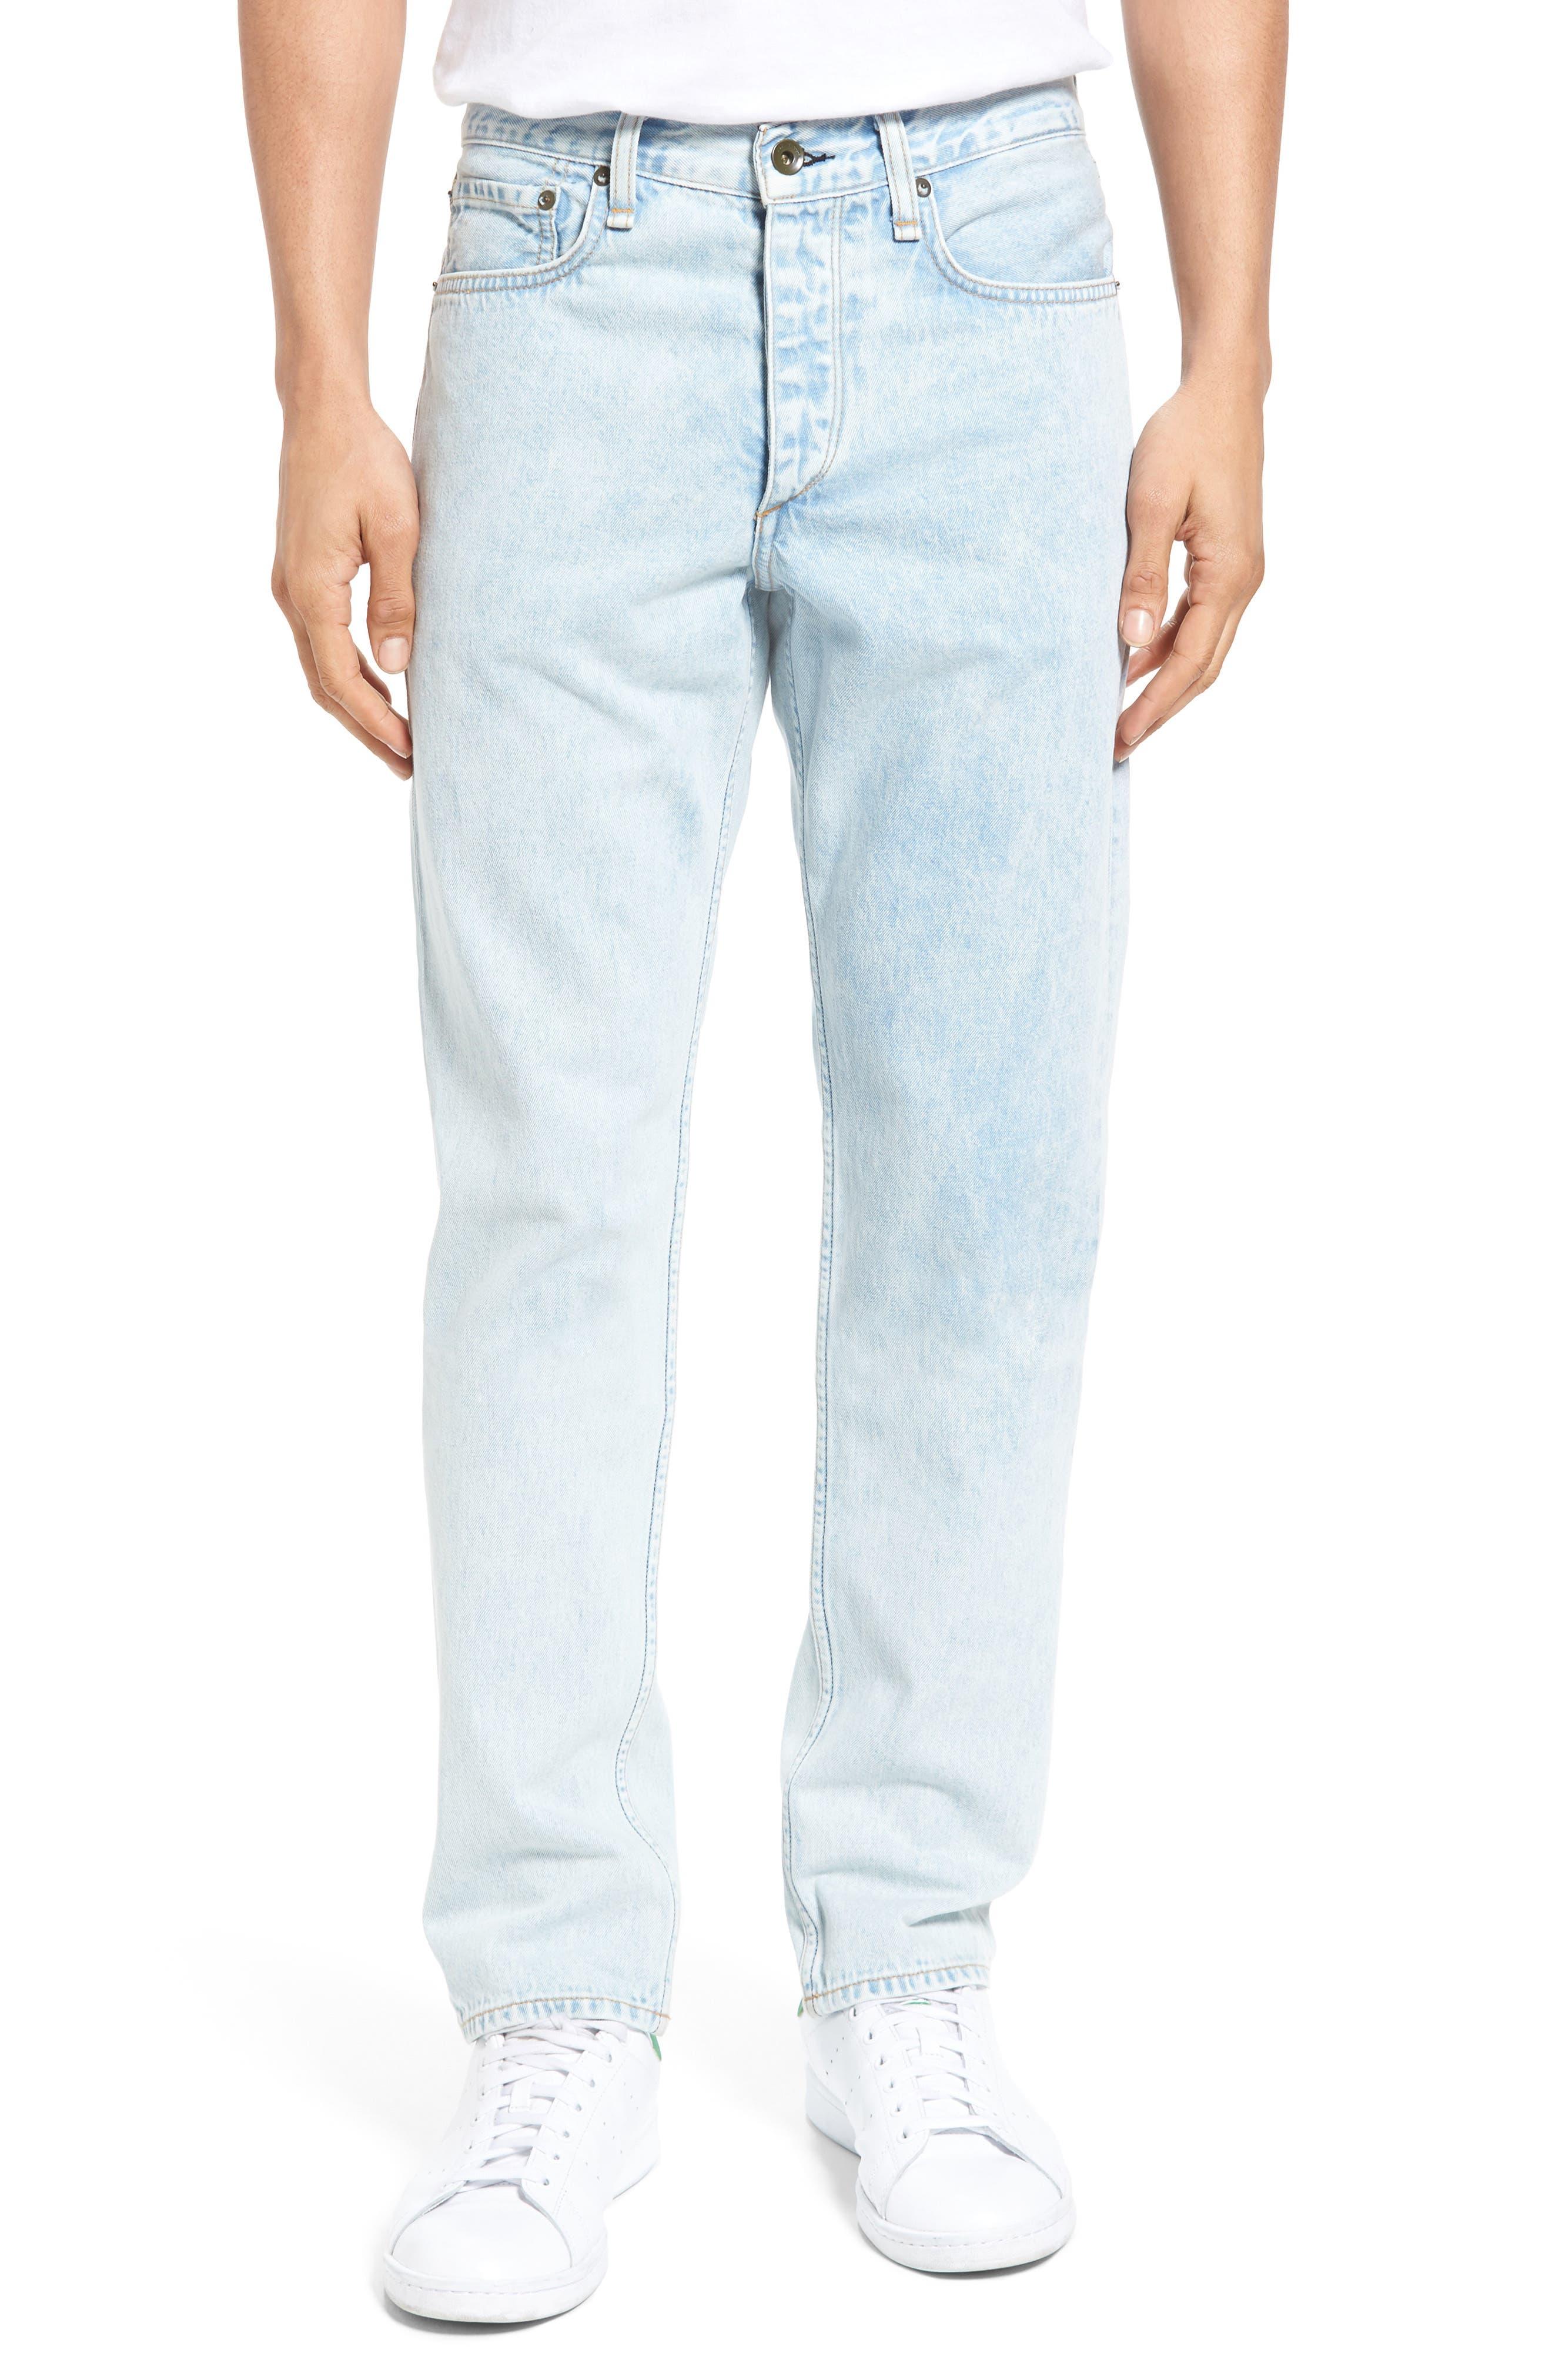 Lennox Skinny Fit Pants,                             Main thumbnail 1, color,                             020